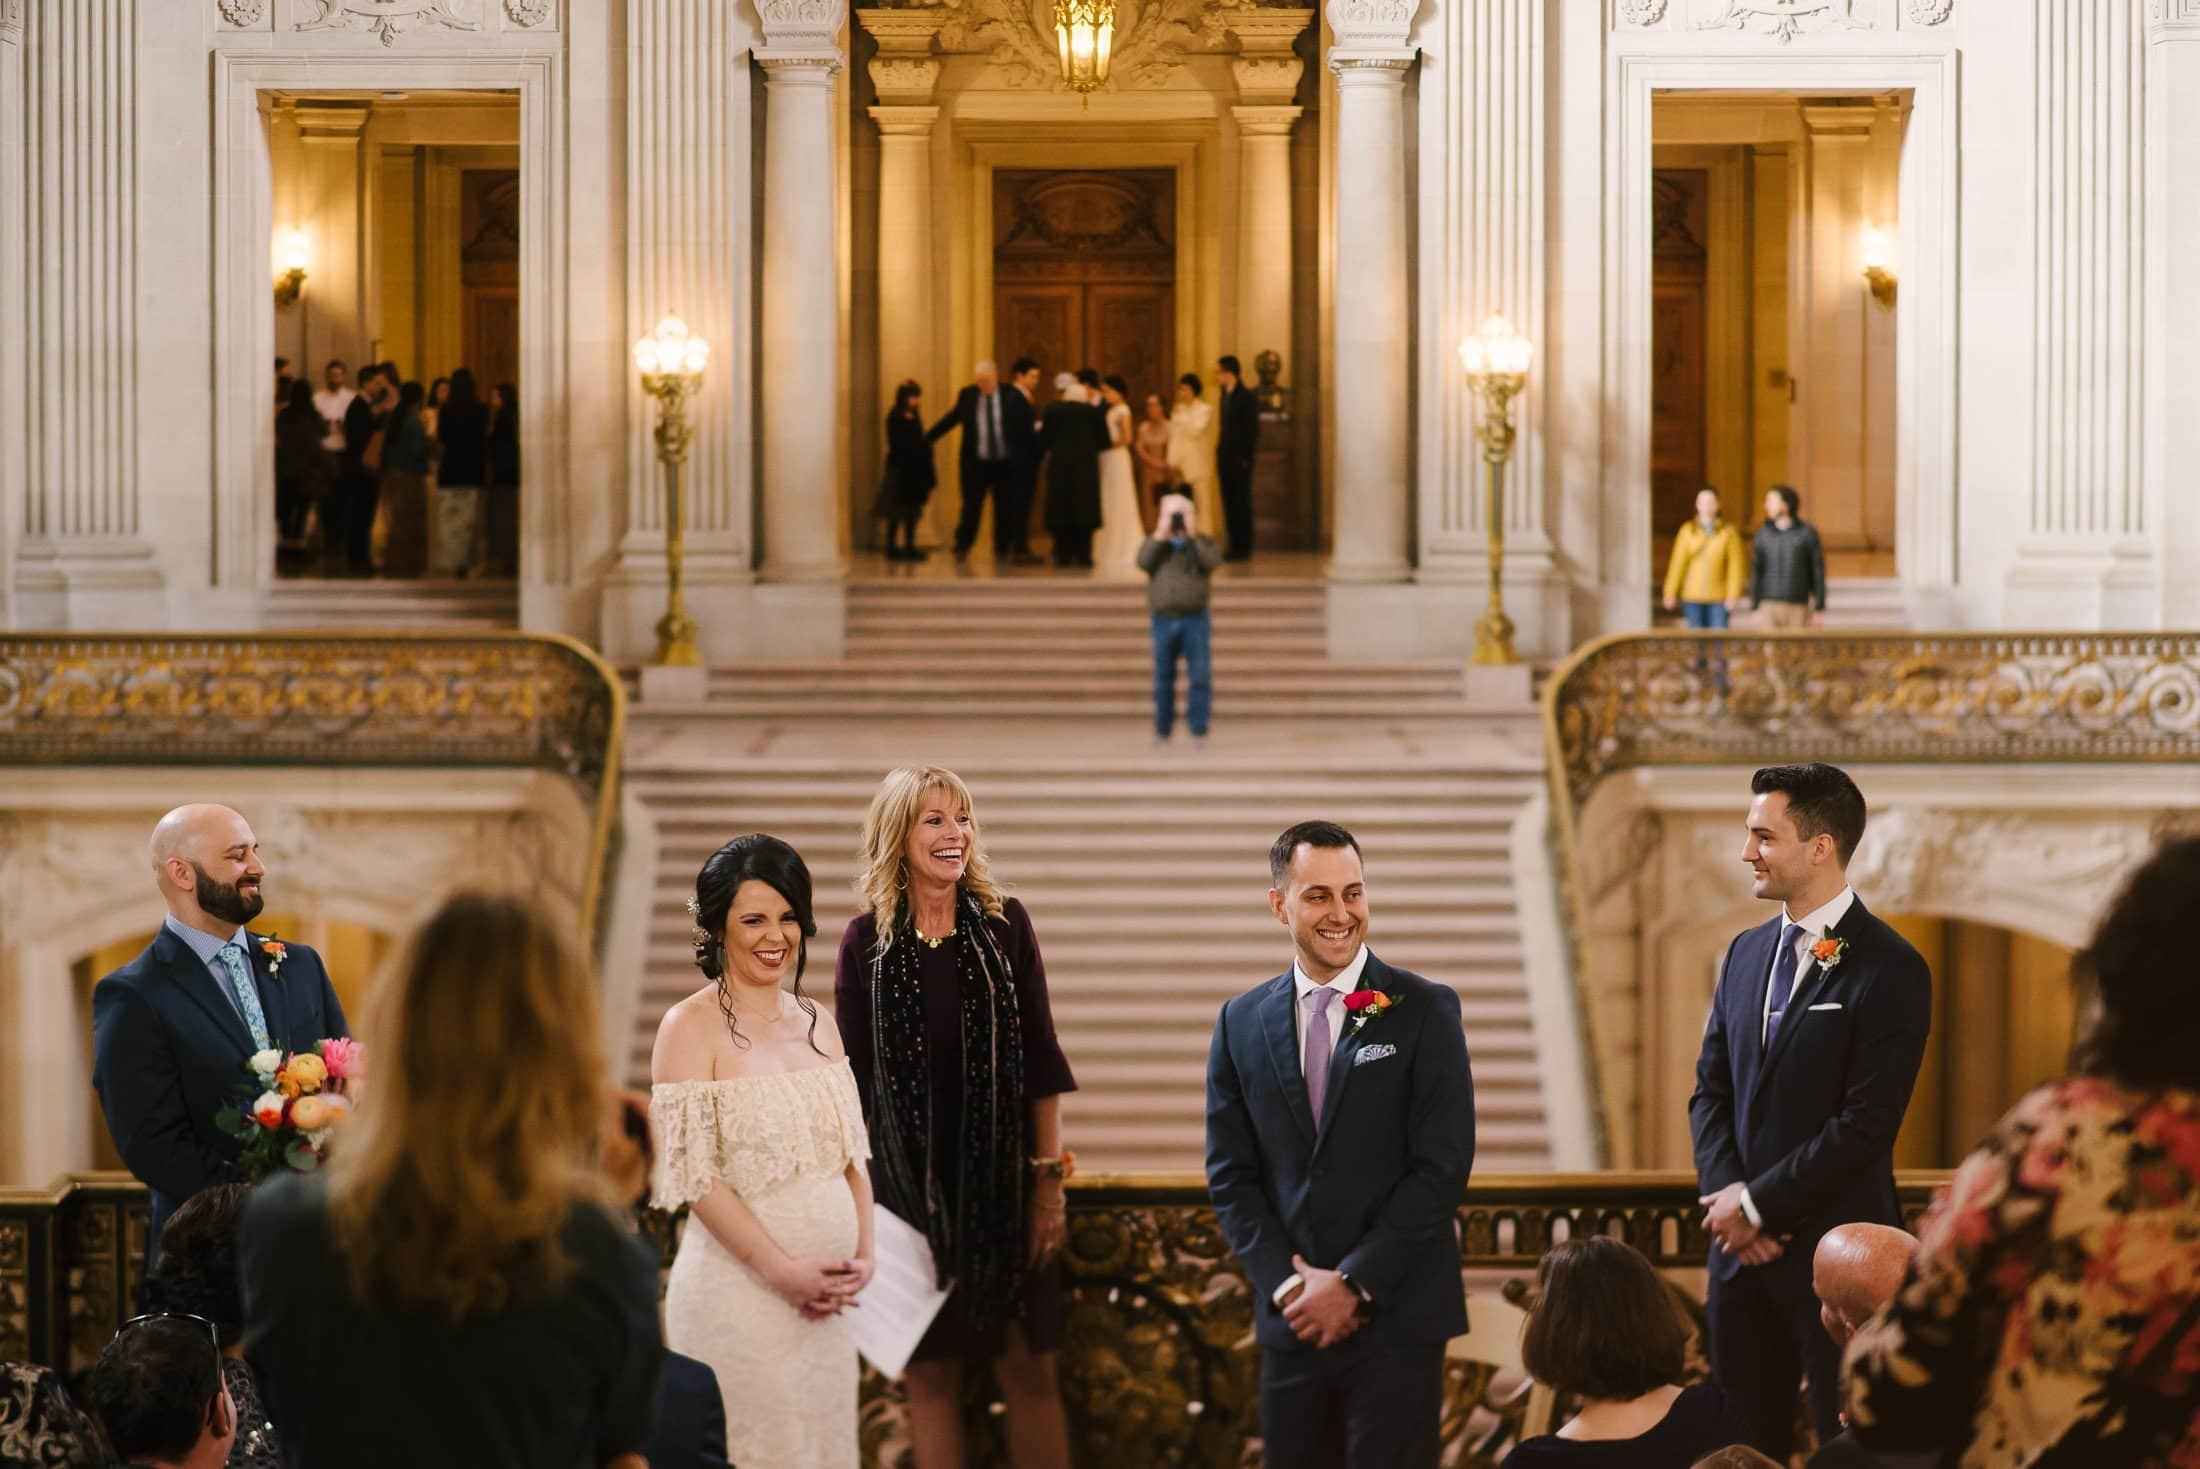 San Francisco City Hall Wedding From the Mayor's Balcony to the Rotunda